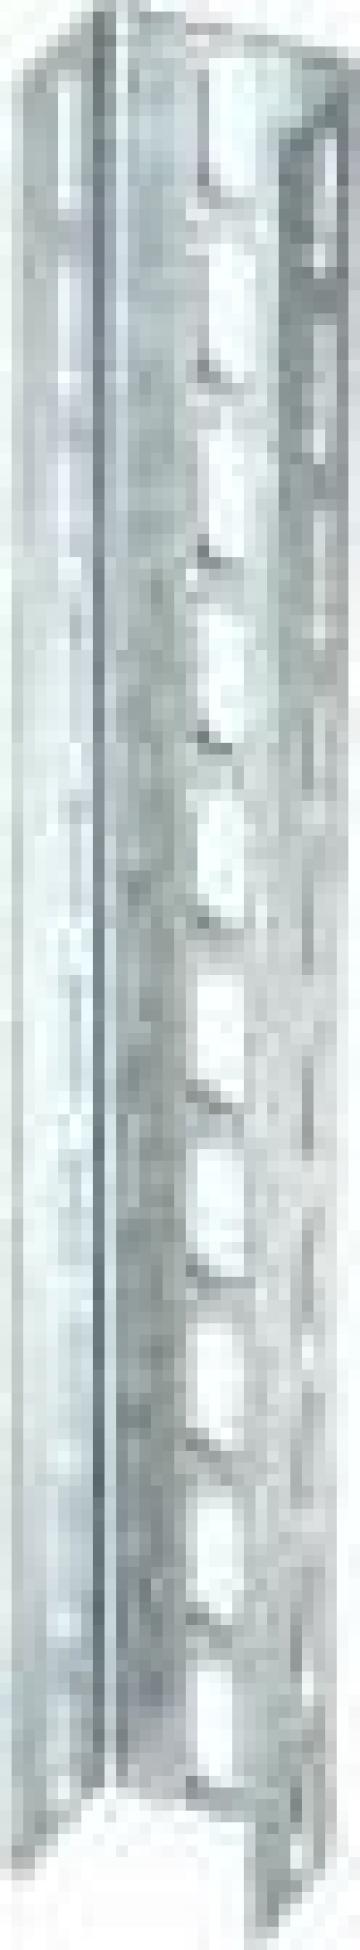 profil inox u50x50x3mm bucuresti niedax srl id 2486901. Black Bedroom Furniture Sets. Home Design Ideas